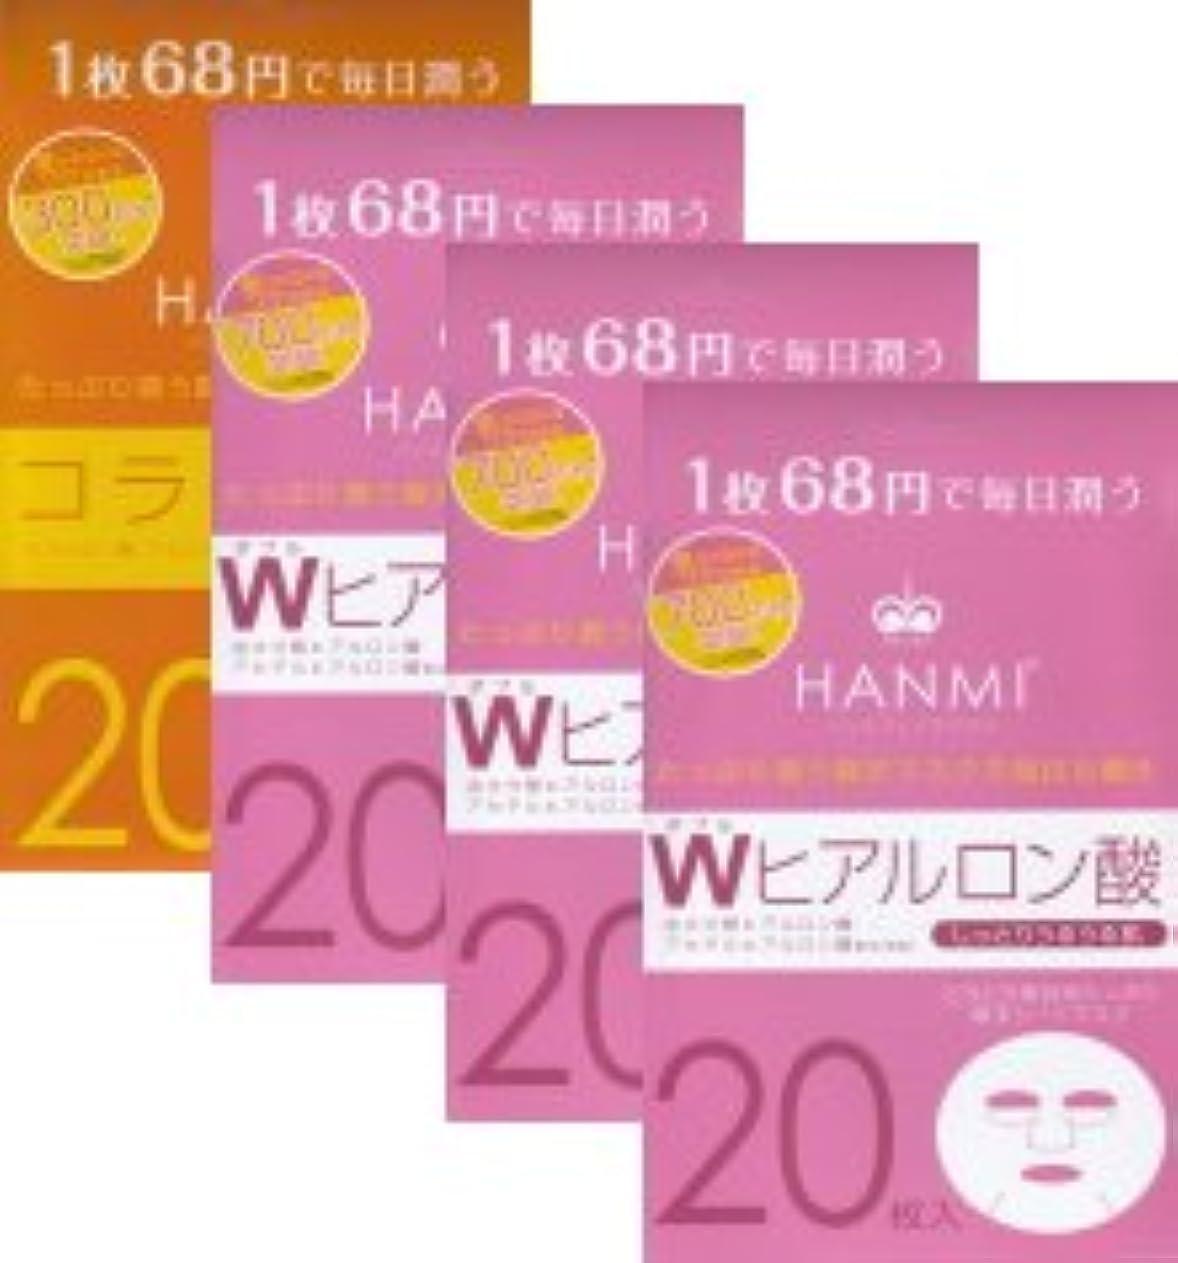 流産スペードマーガレットミッチェルMIGAKI ハンミフェイスマスク(20枚入り)「コラーゲン×1個」「Wヒアルロン酸×3個」の4個セット